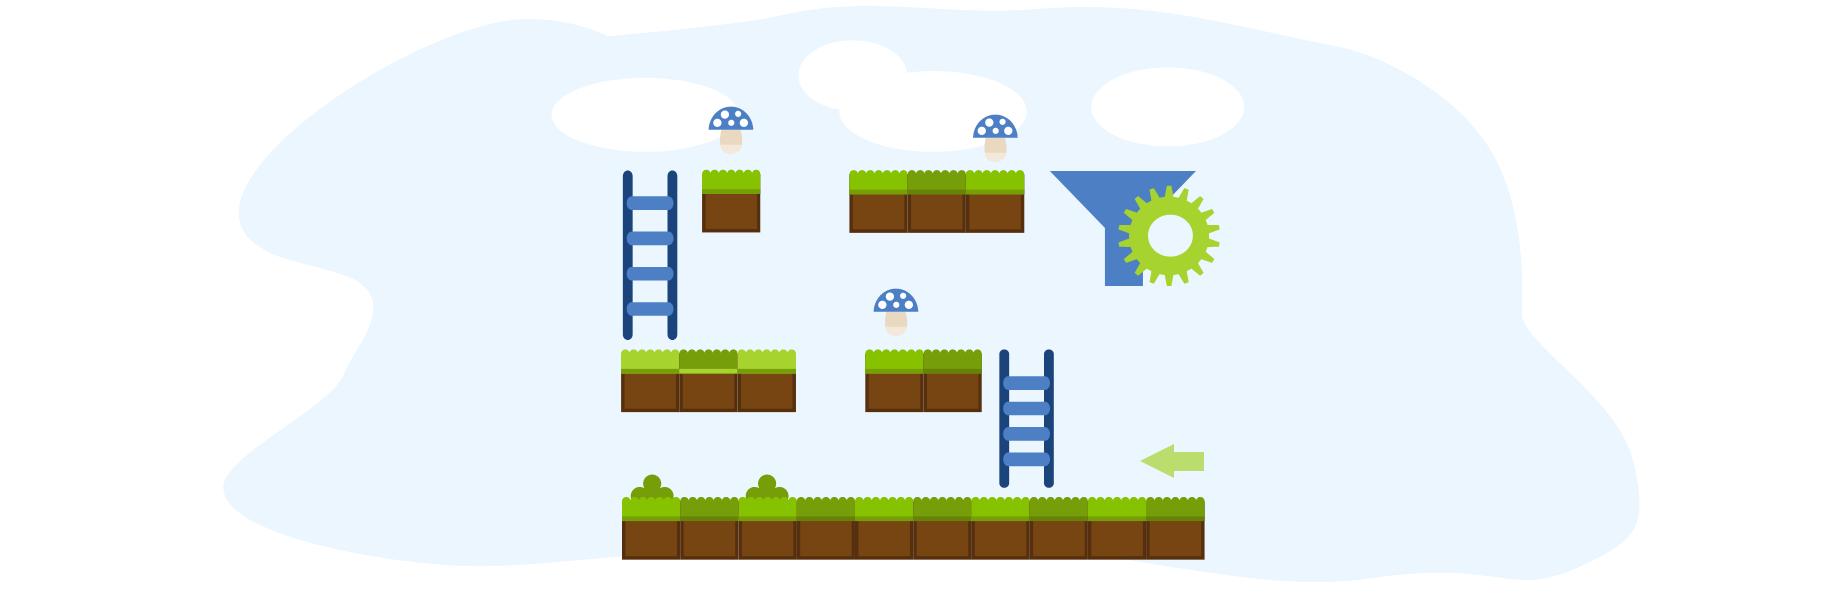 intégrer des éléments de gamification à sa stratégie marketing